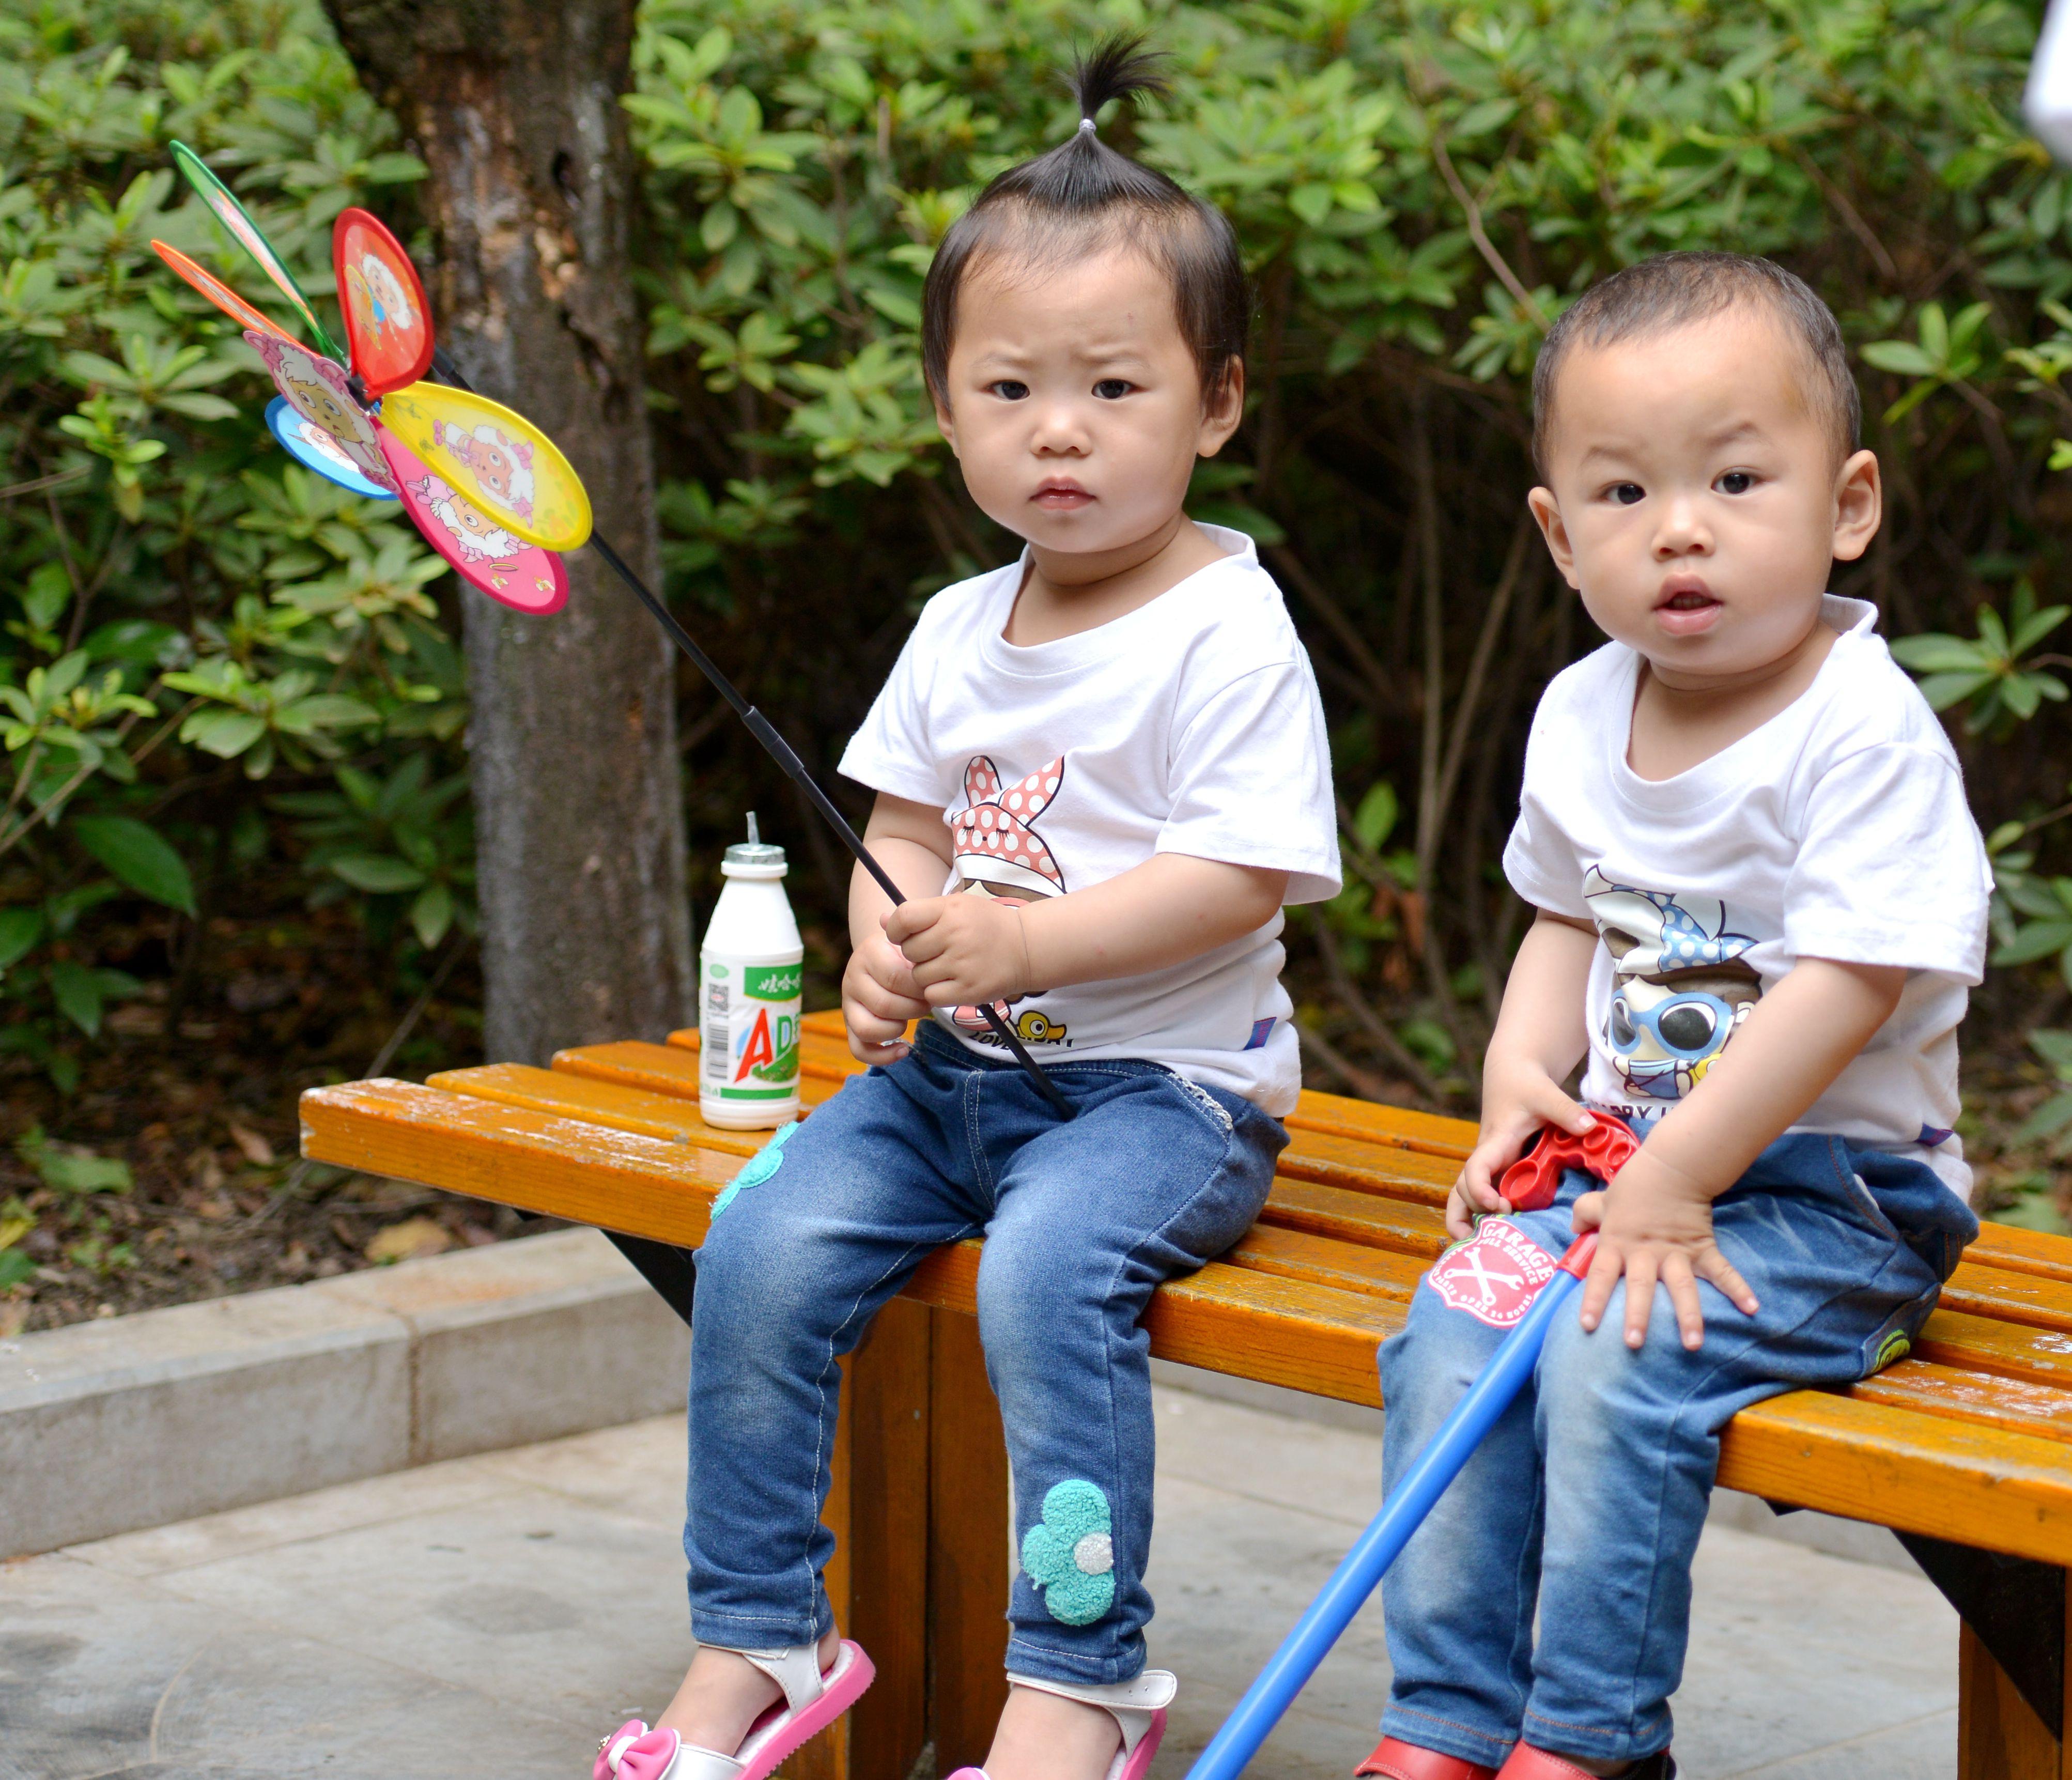 双胞胎小朋友真可爱!